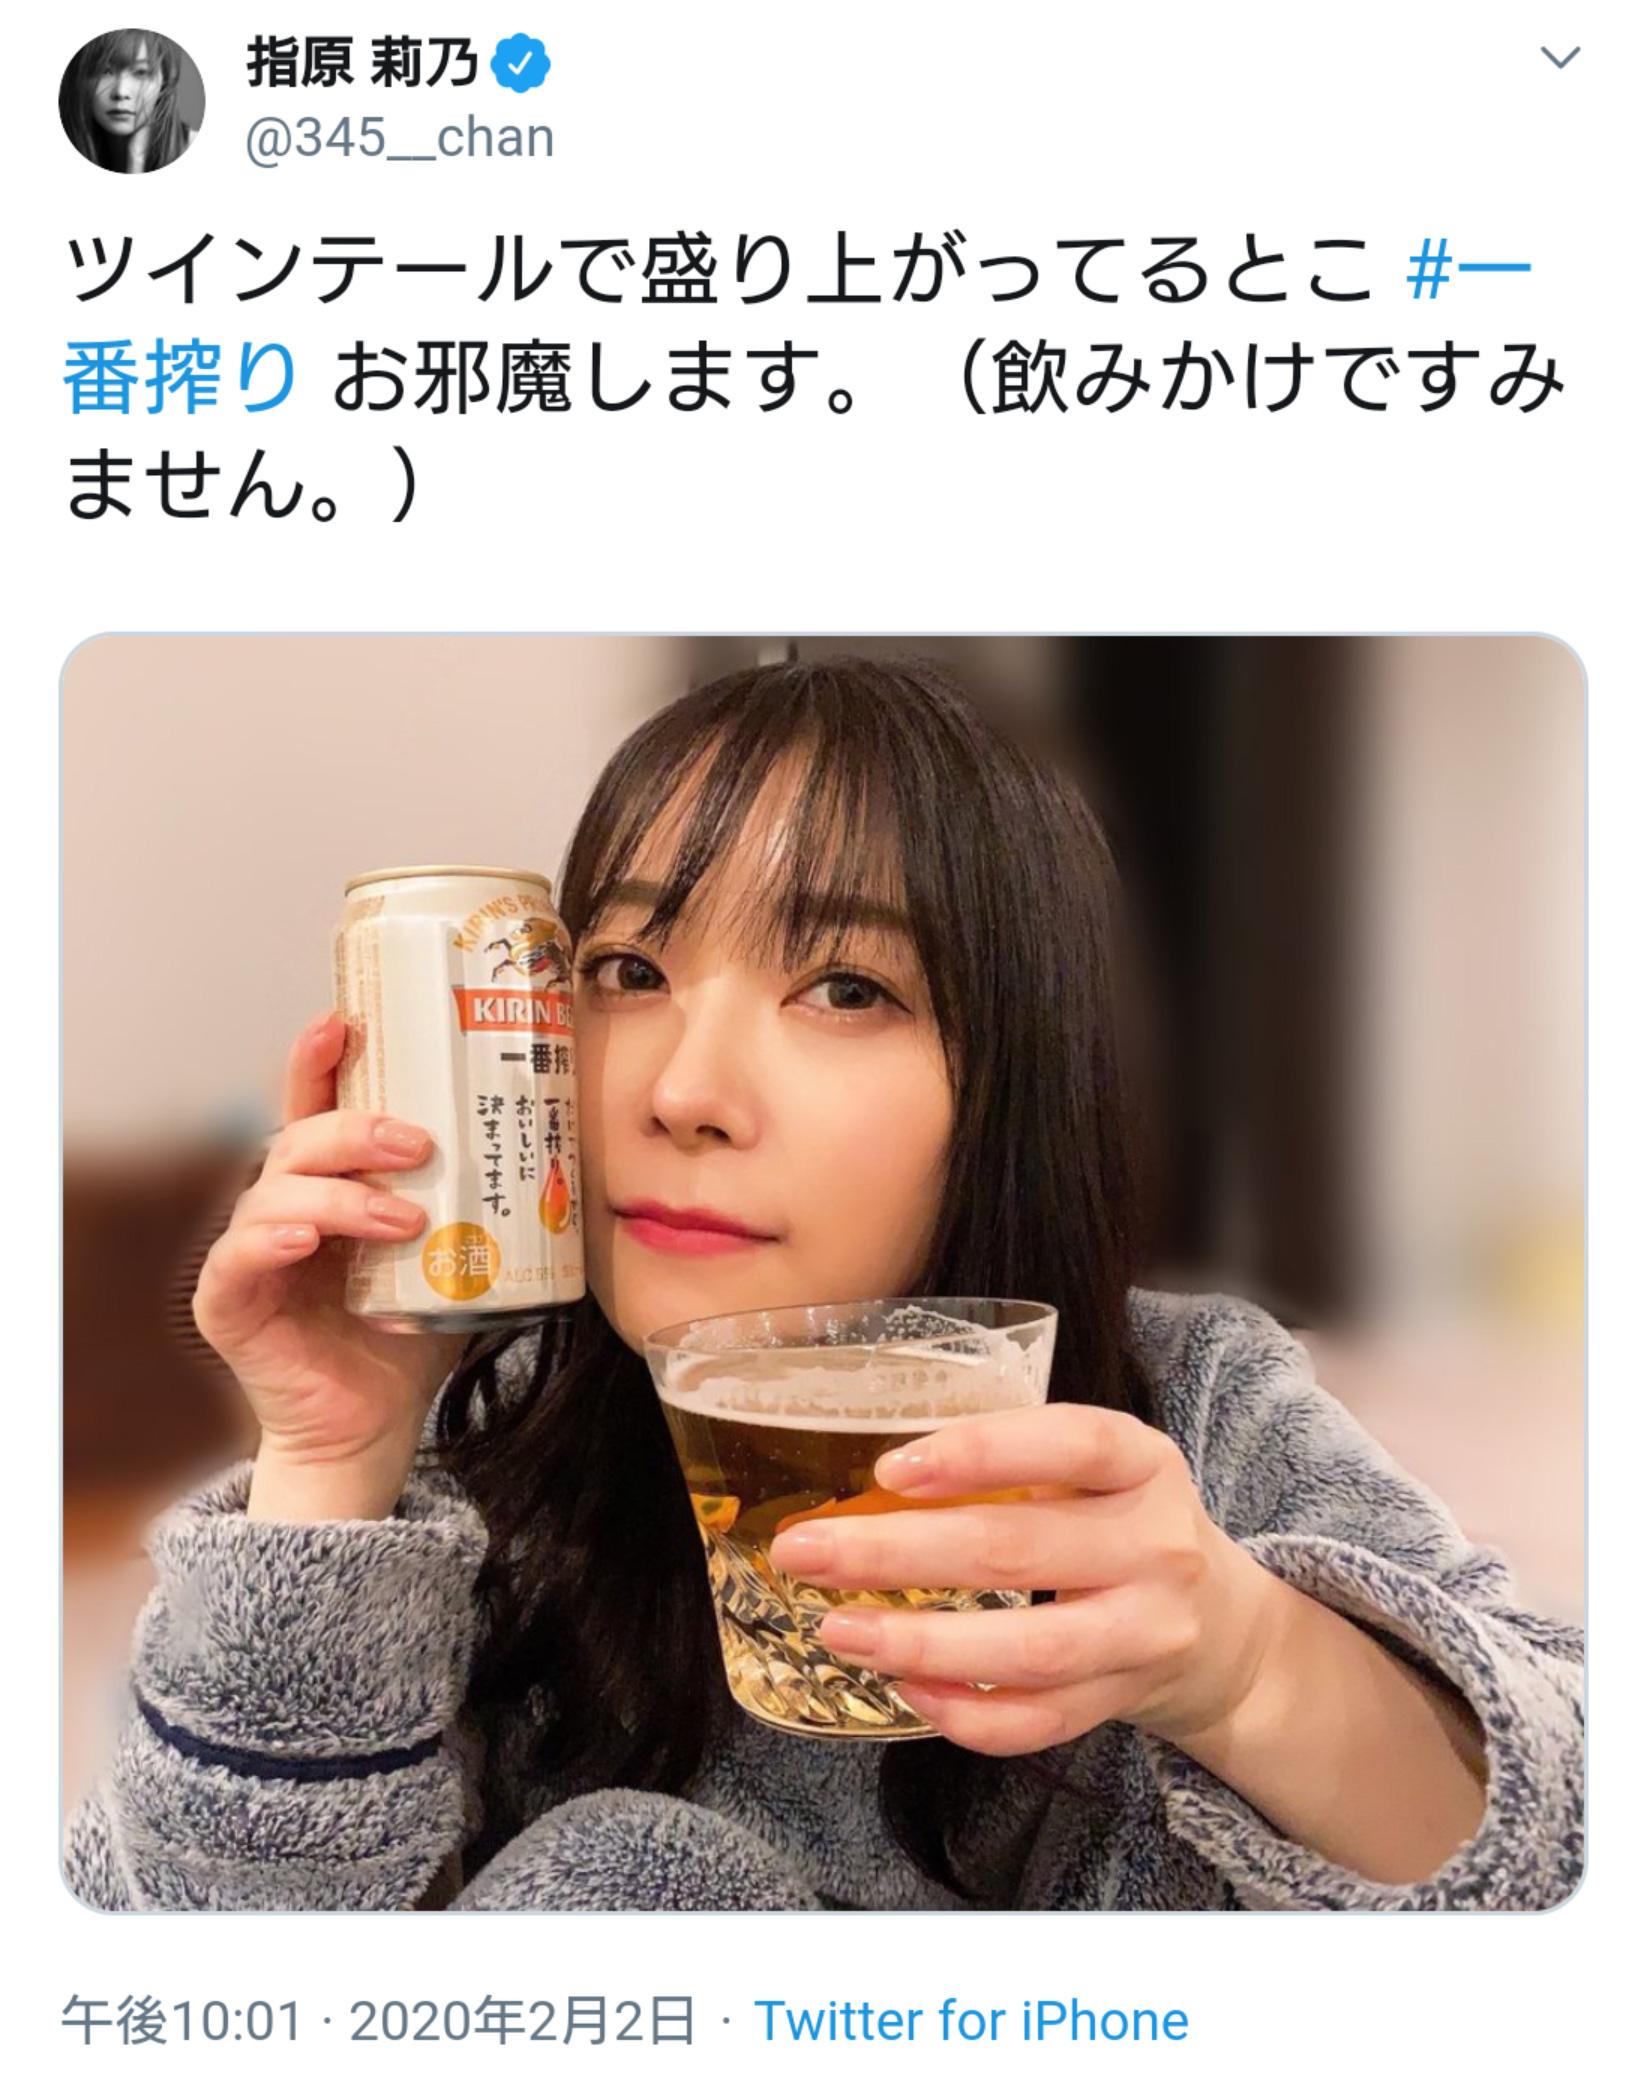 指原 ビール 飲酒 ツイート